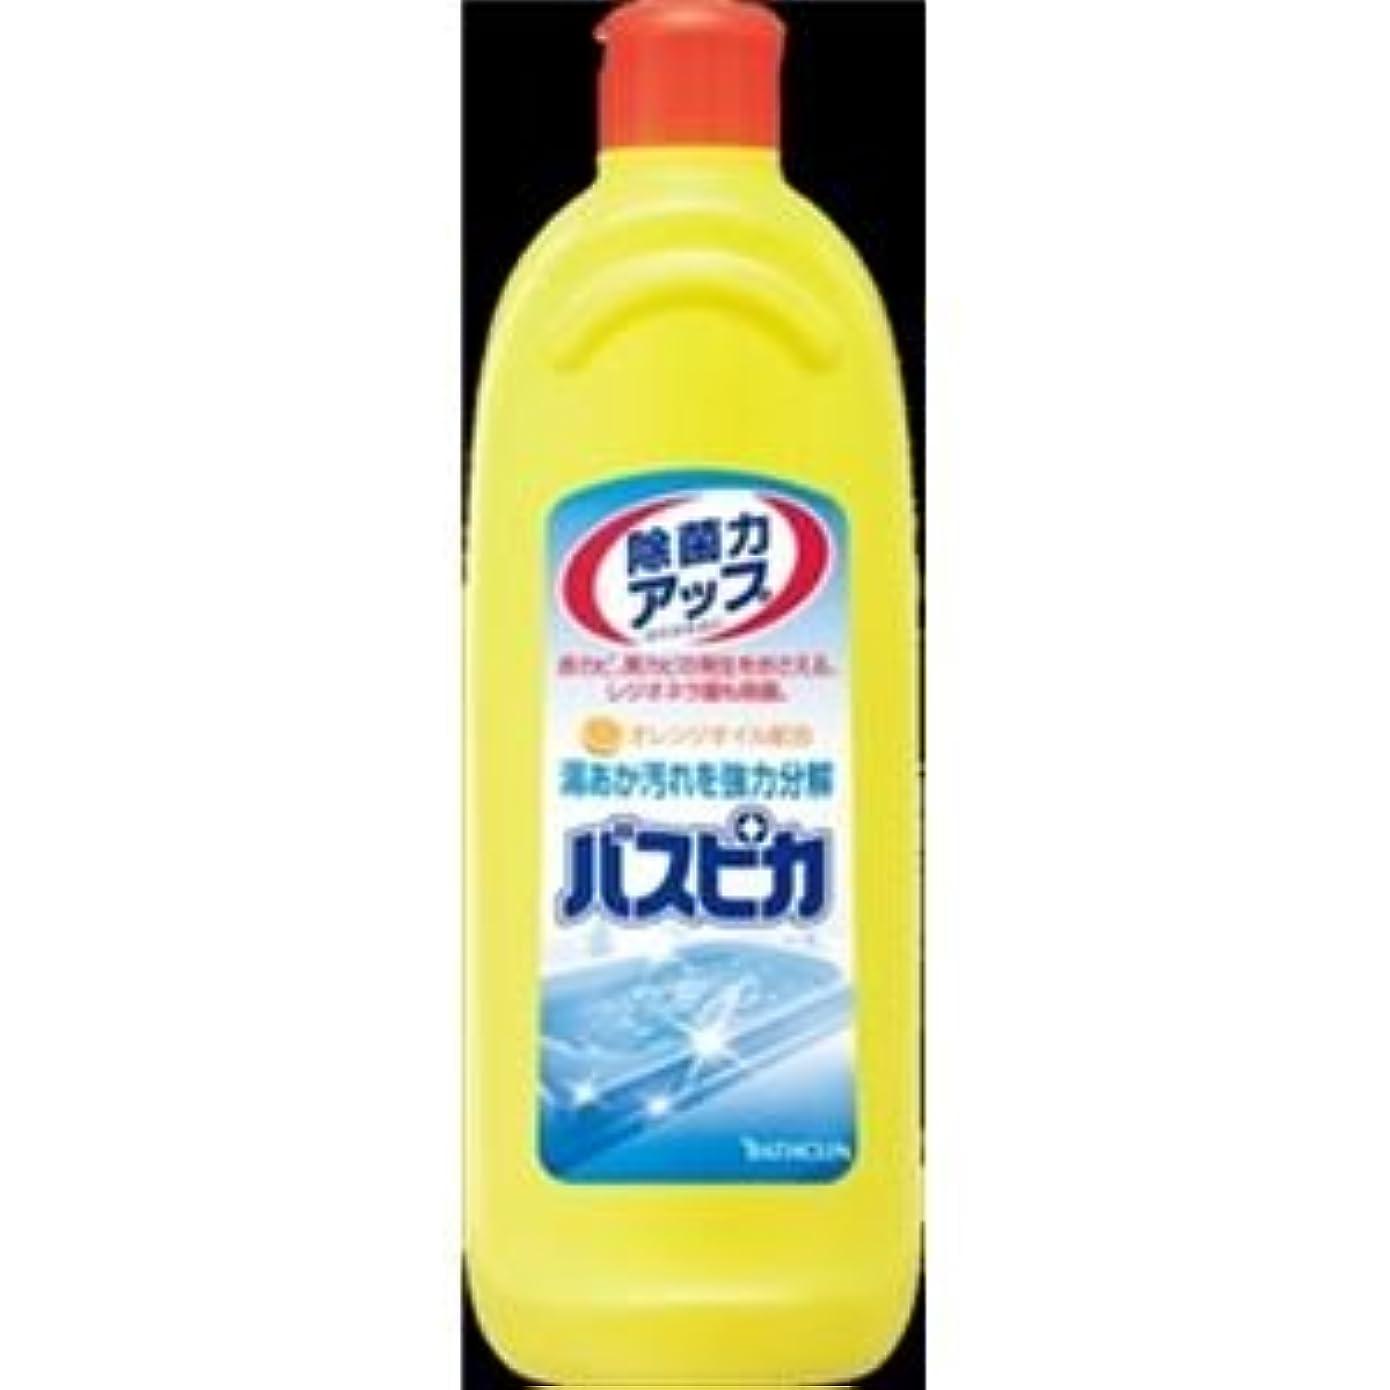 やろうイベントチェリー(まとめ)バスクリン バスピカ ヤシ油 【×5点セット】